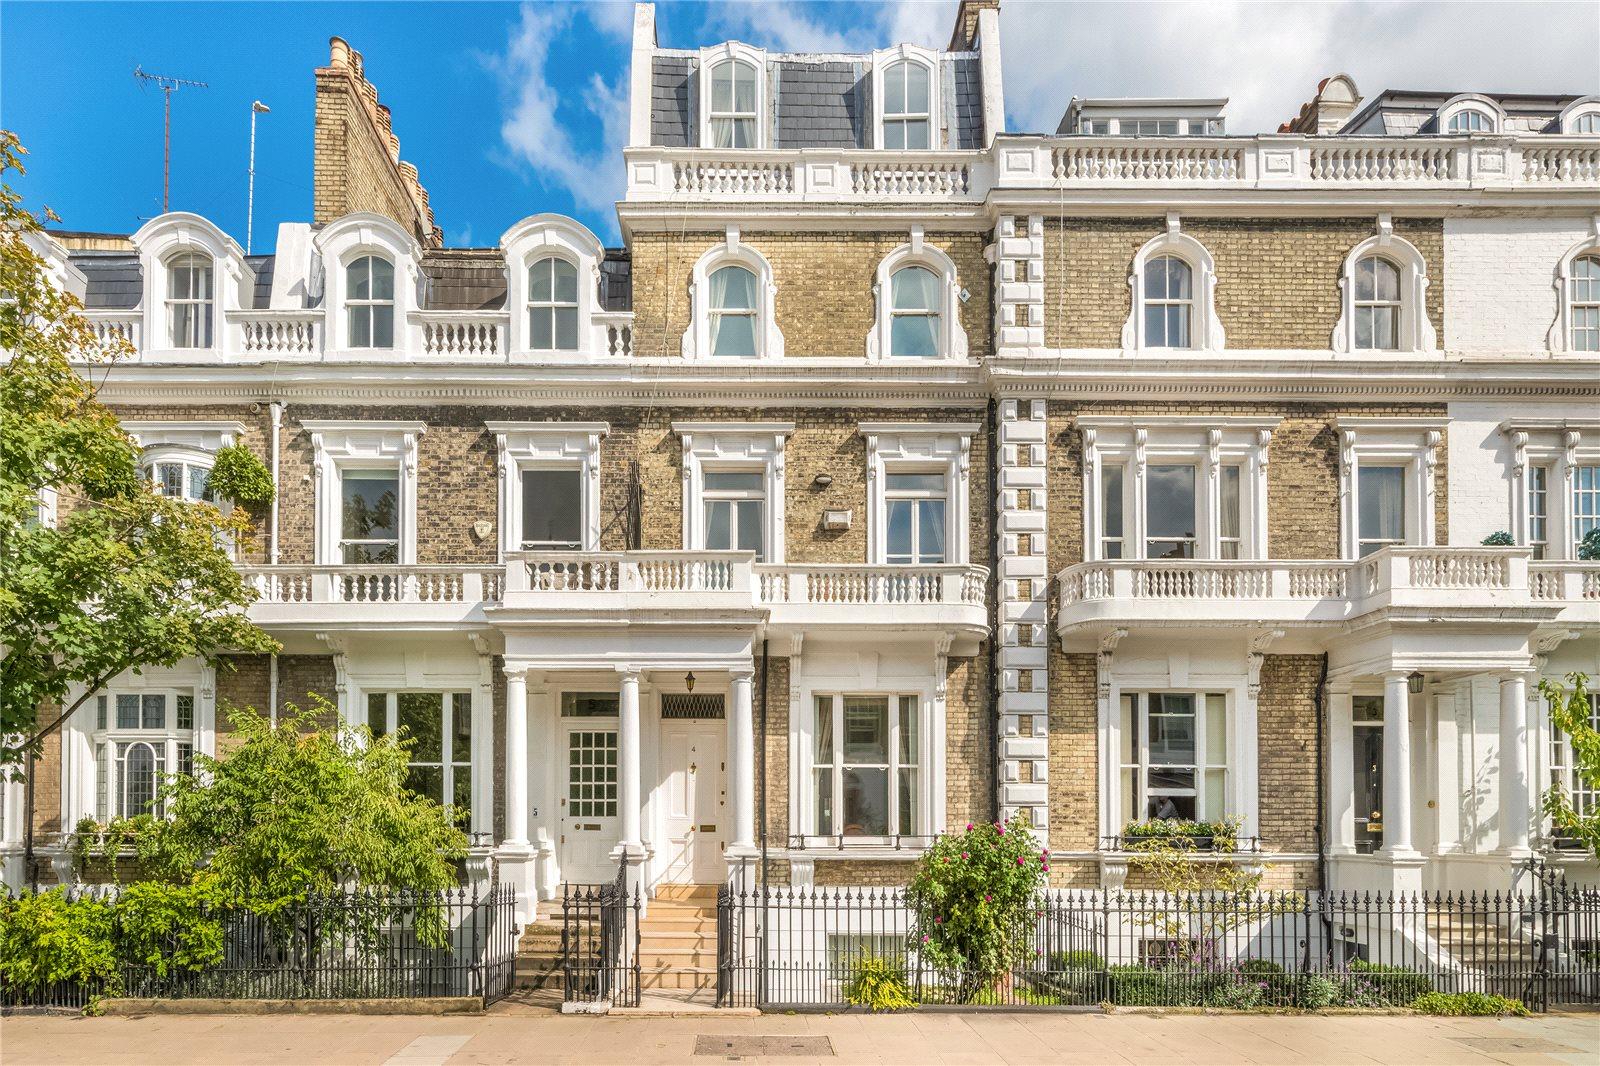 단독 가정 주택 용 매매 에 Neville Terrace, South Kensington, London, SW7 South Kensington, London, 영국